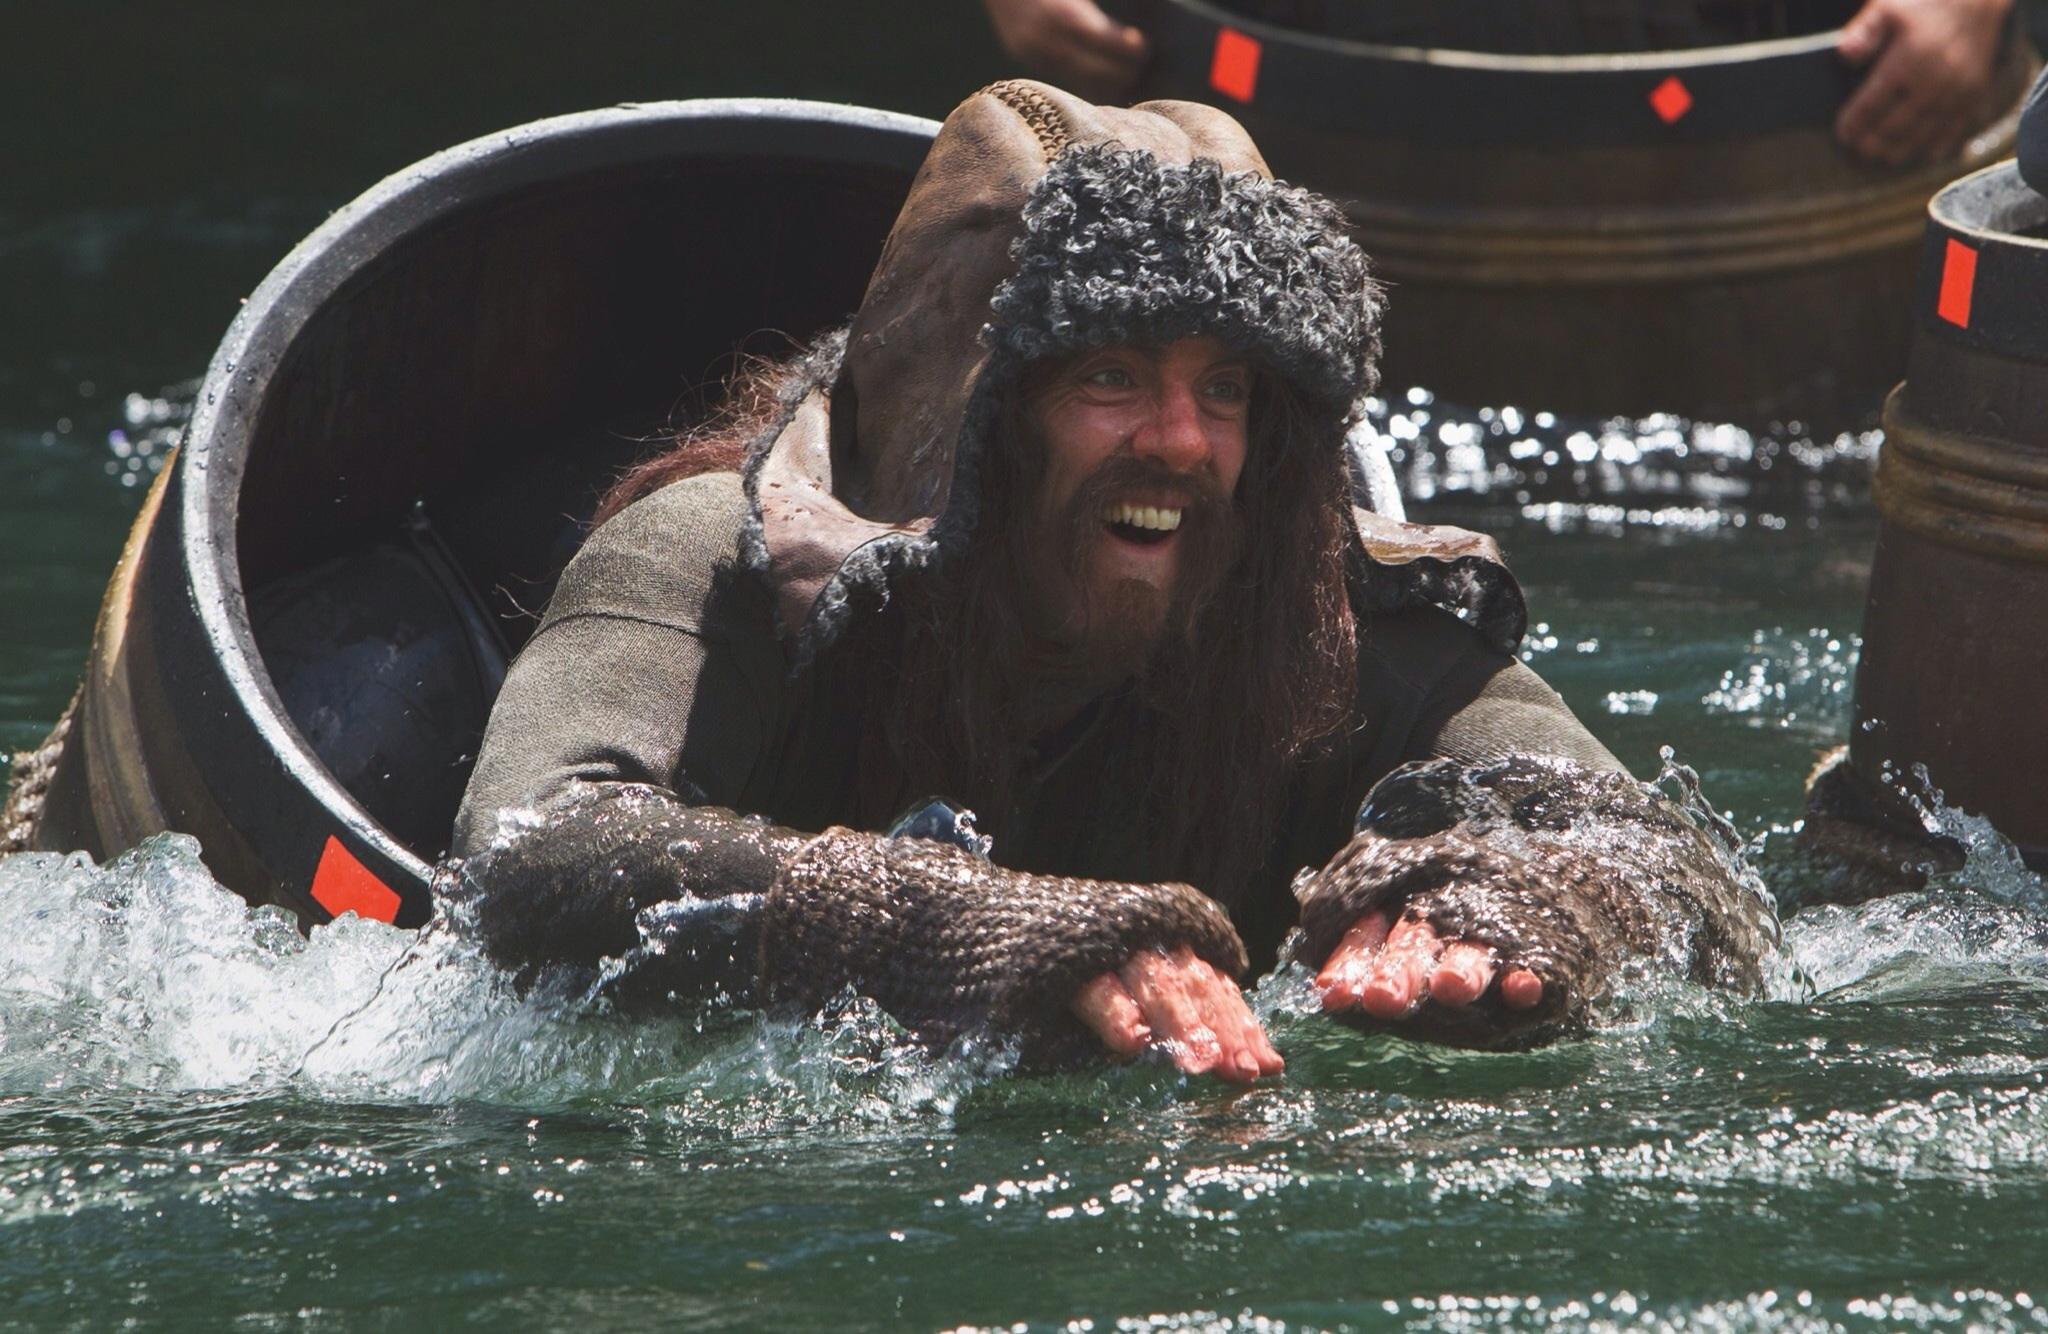 Le Seigneur des Anneaux / The Hobbit #3 10731977683_8aef2fc60d_o